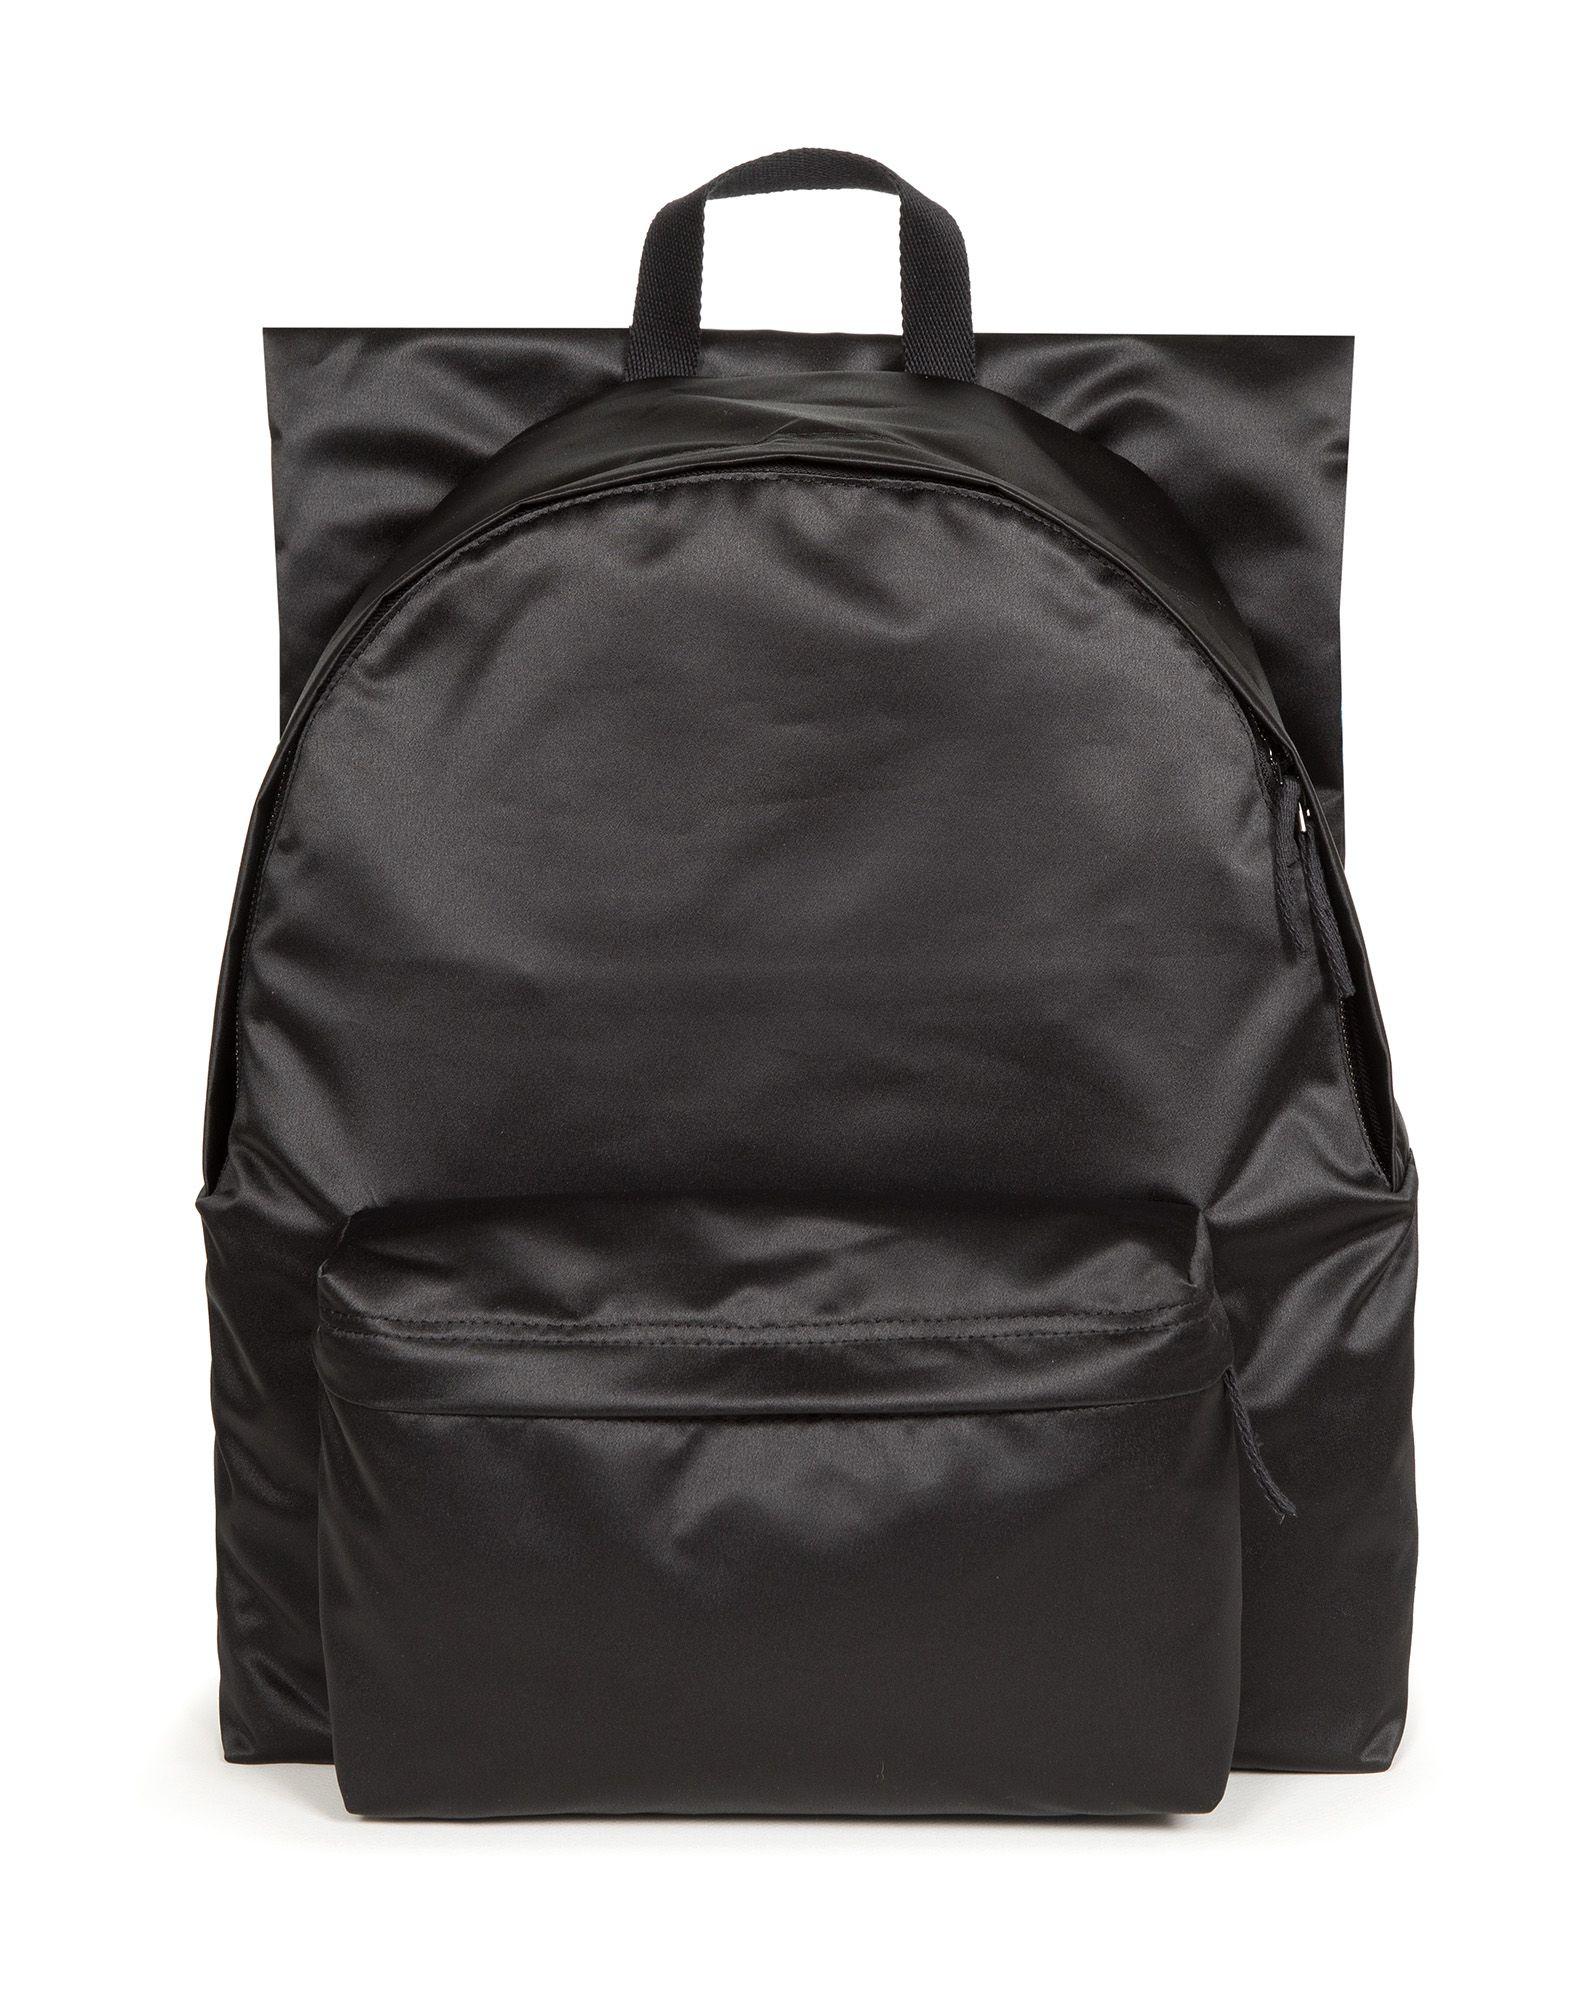 EASTPAK x RAF SIMONS Рюкзаки и сумки на пояс